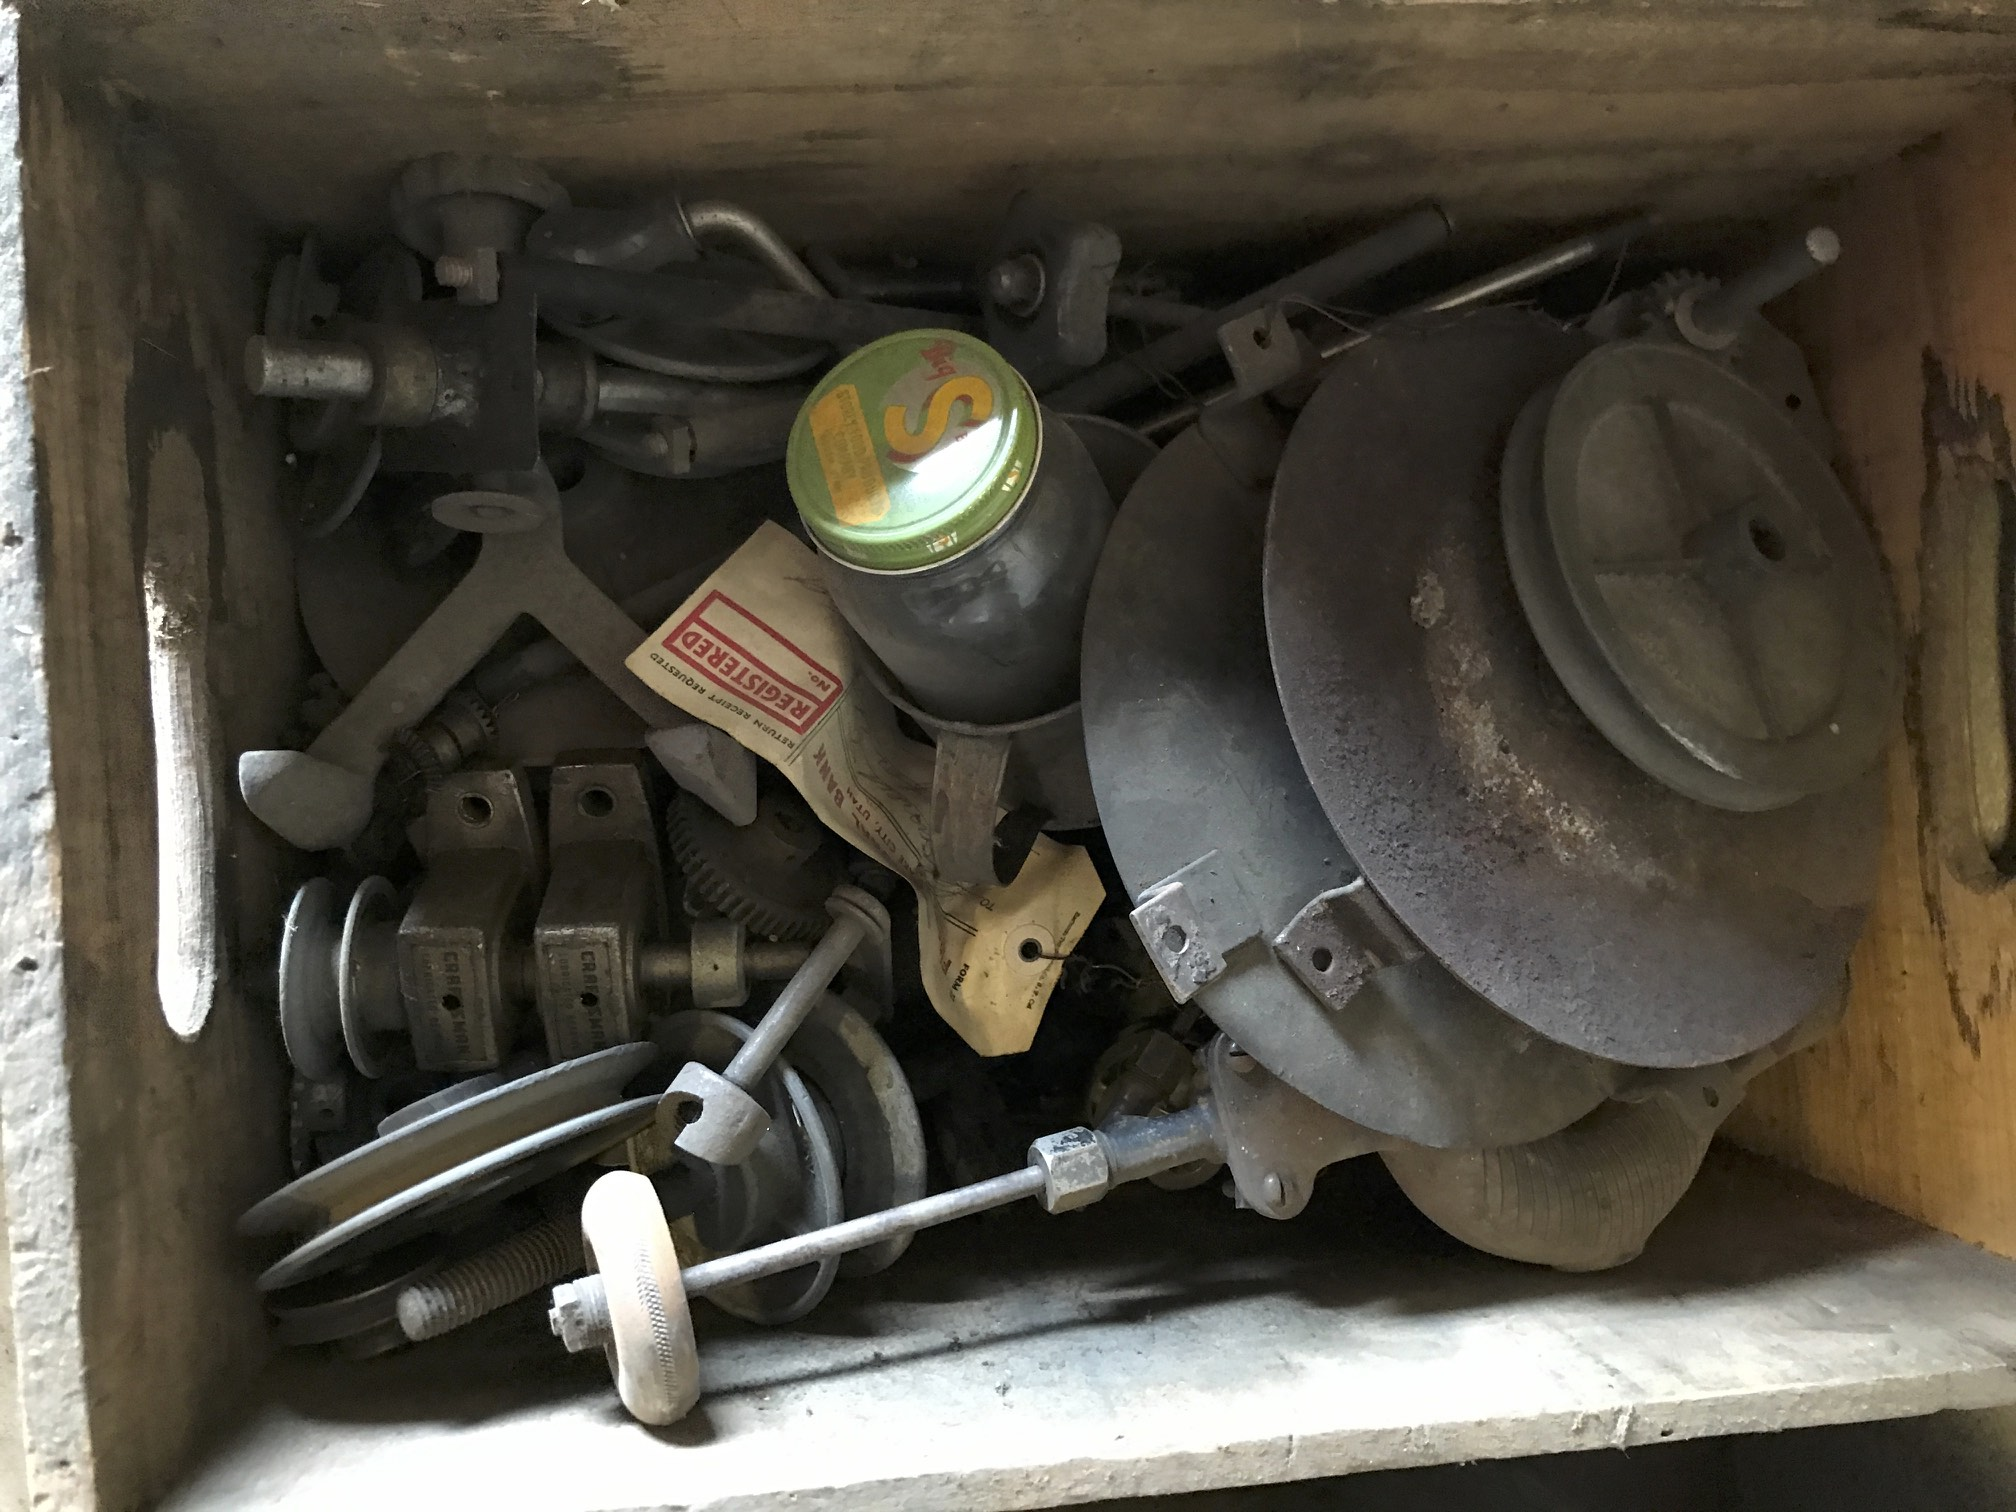 (5) brace & bit part of burners/misc parts